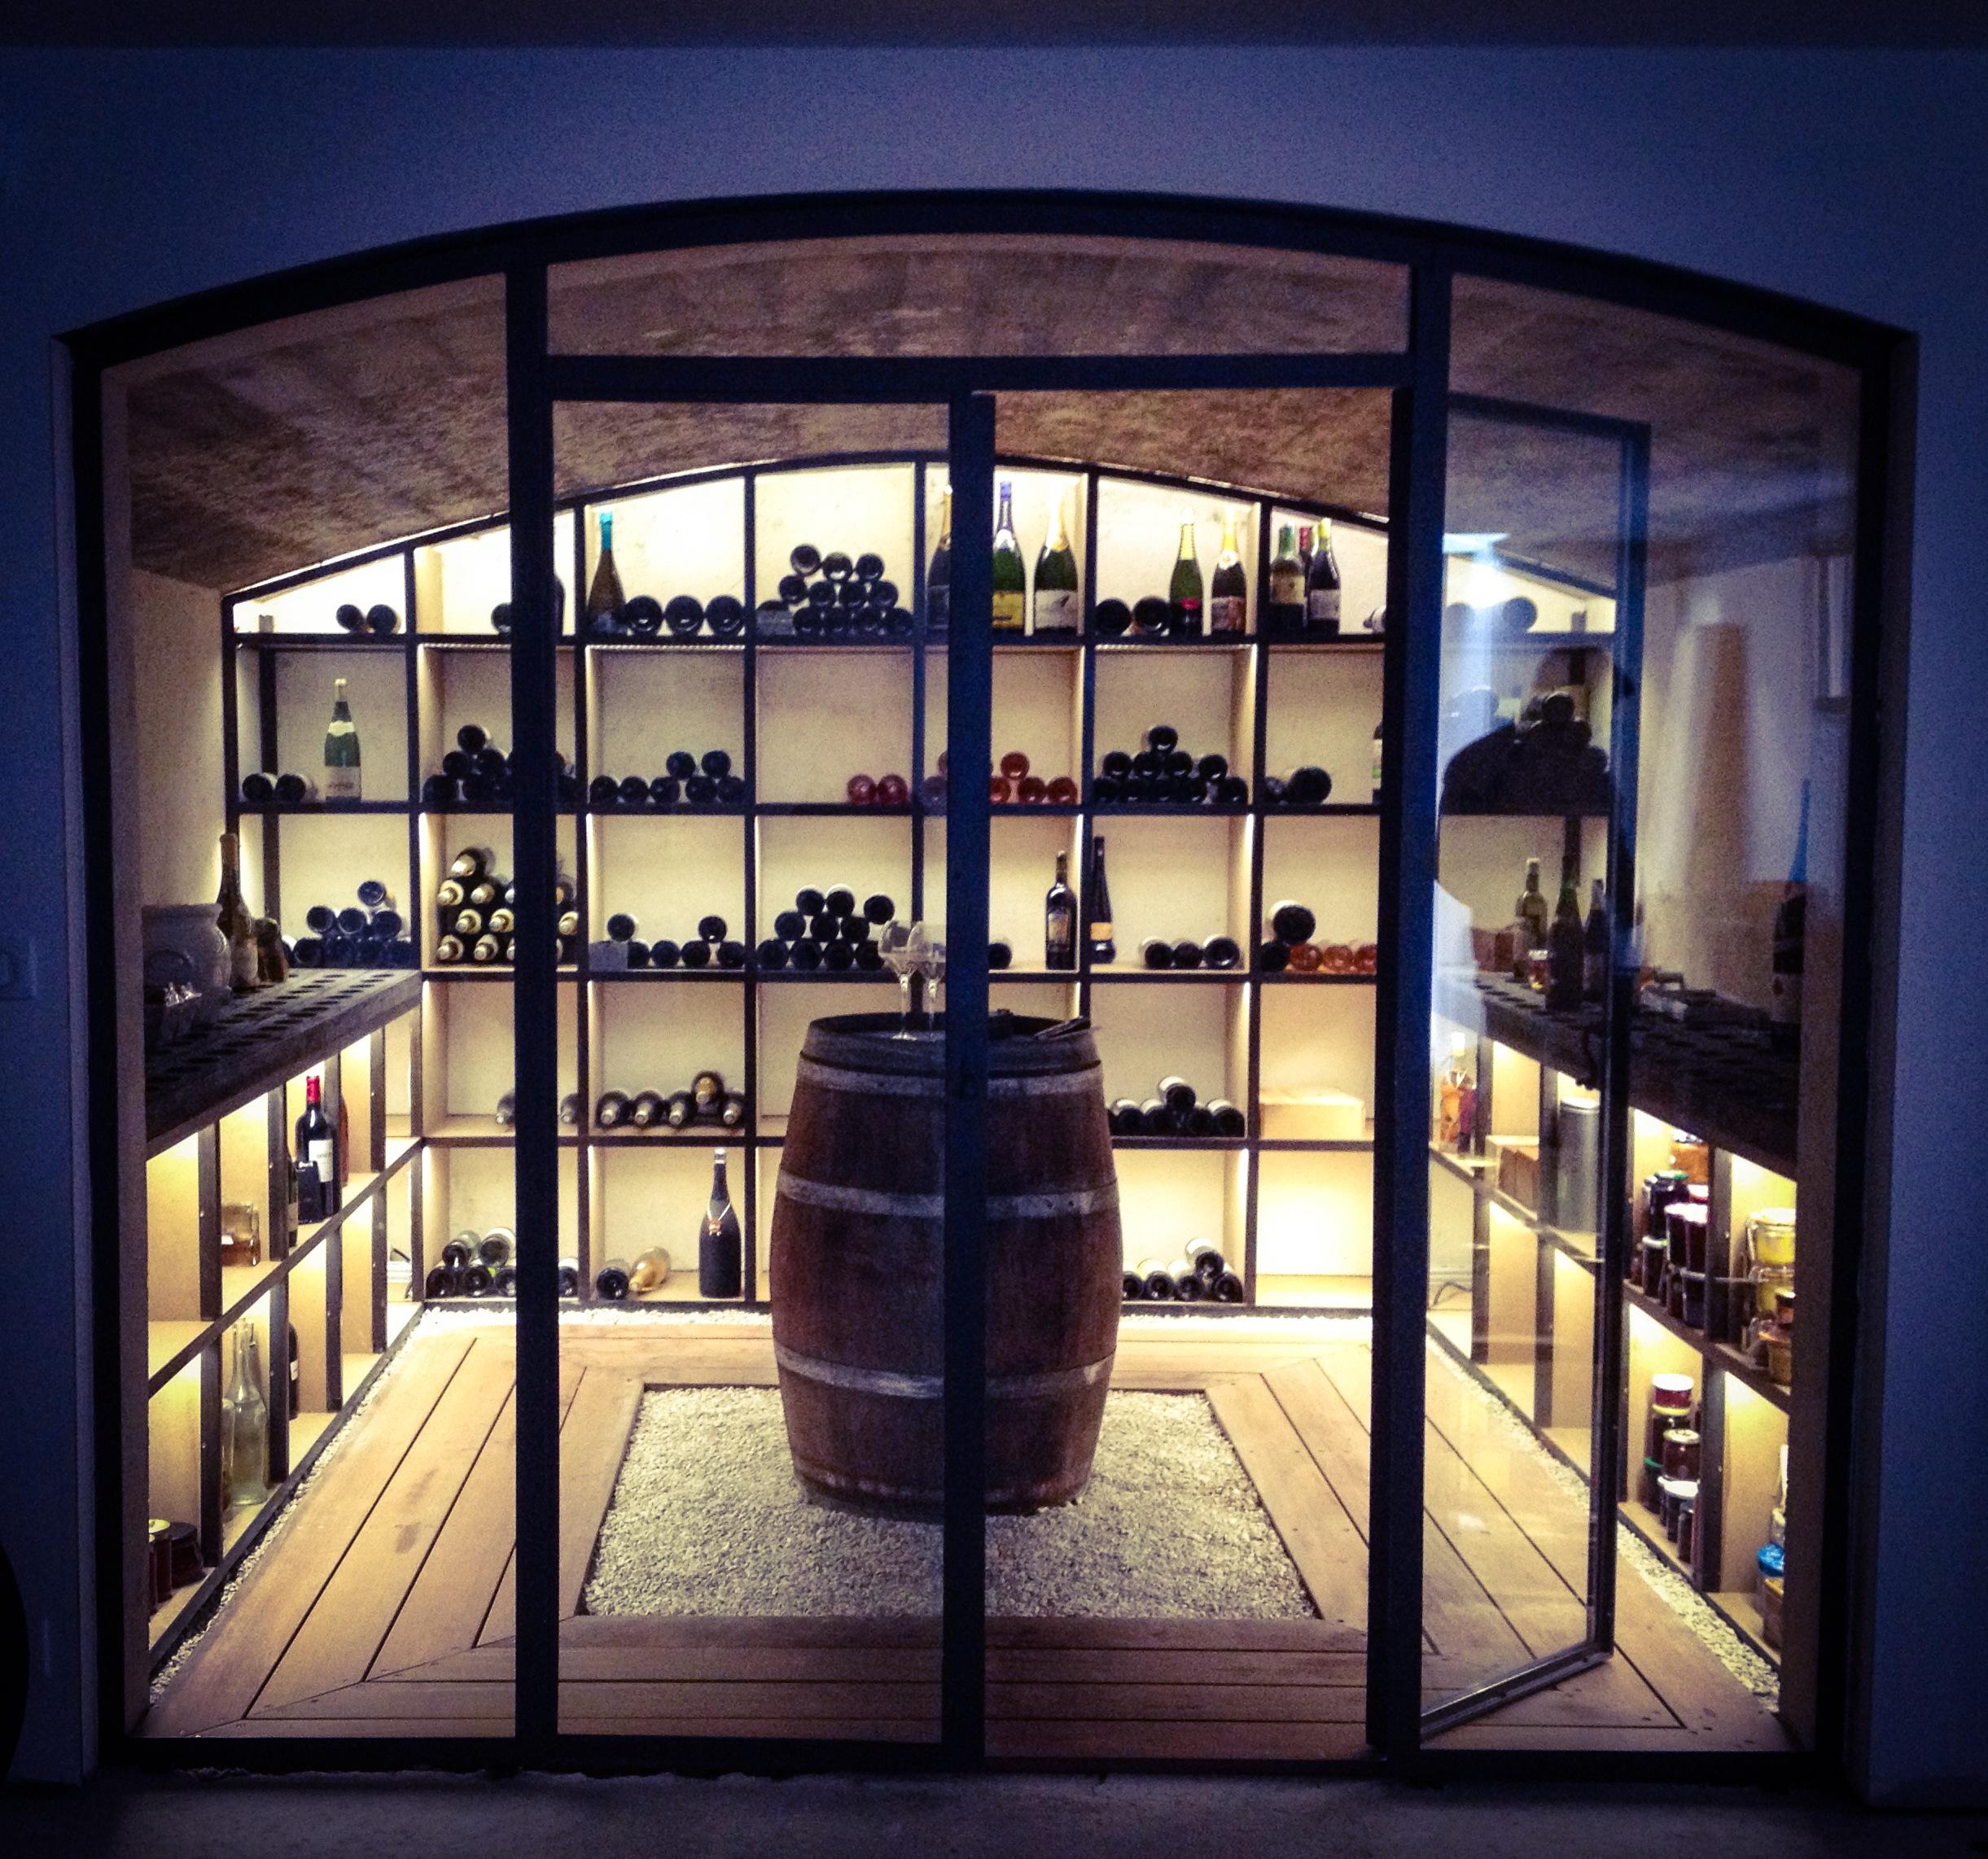 J'ai adoré ce site sur les caves à vin